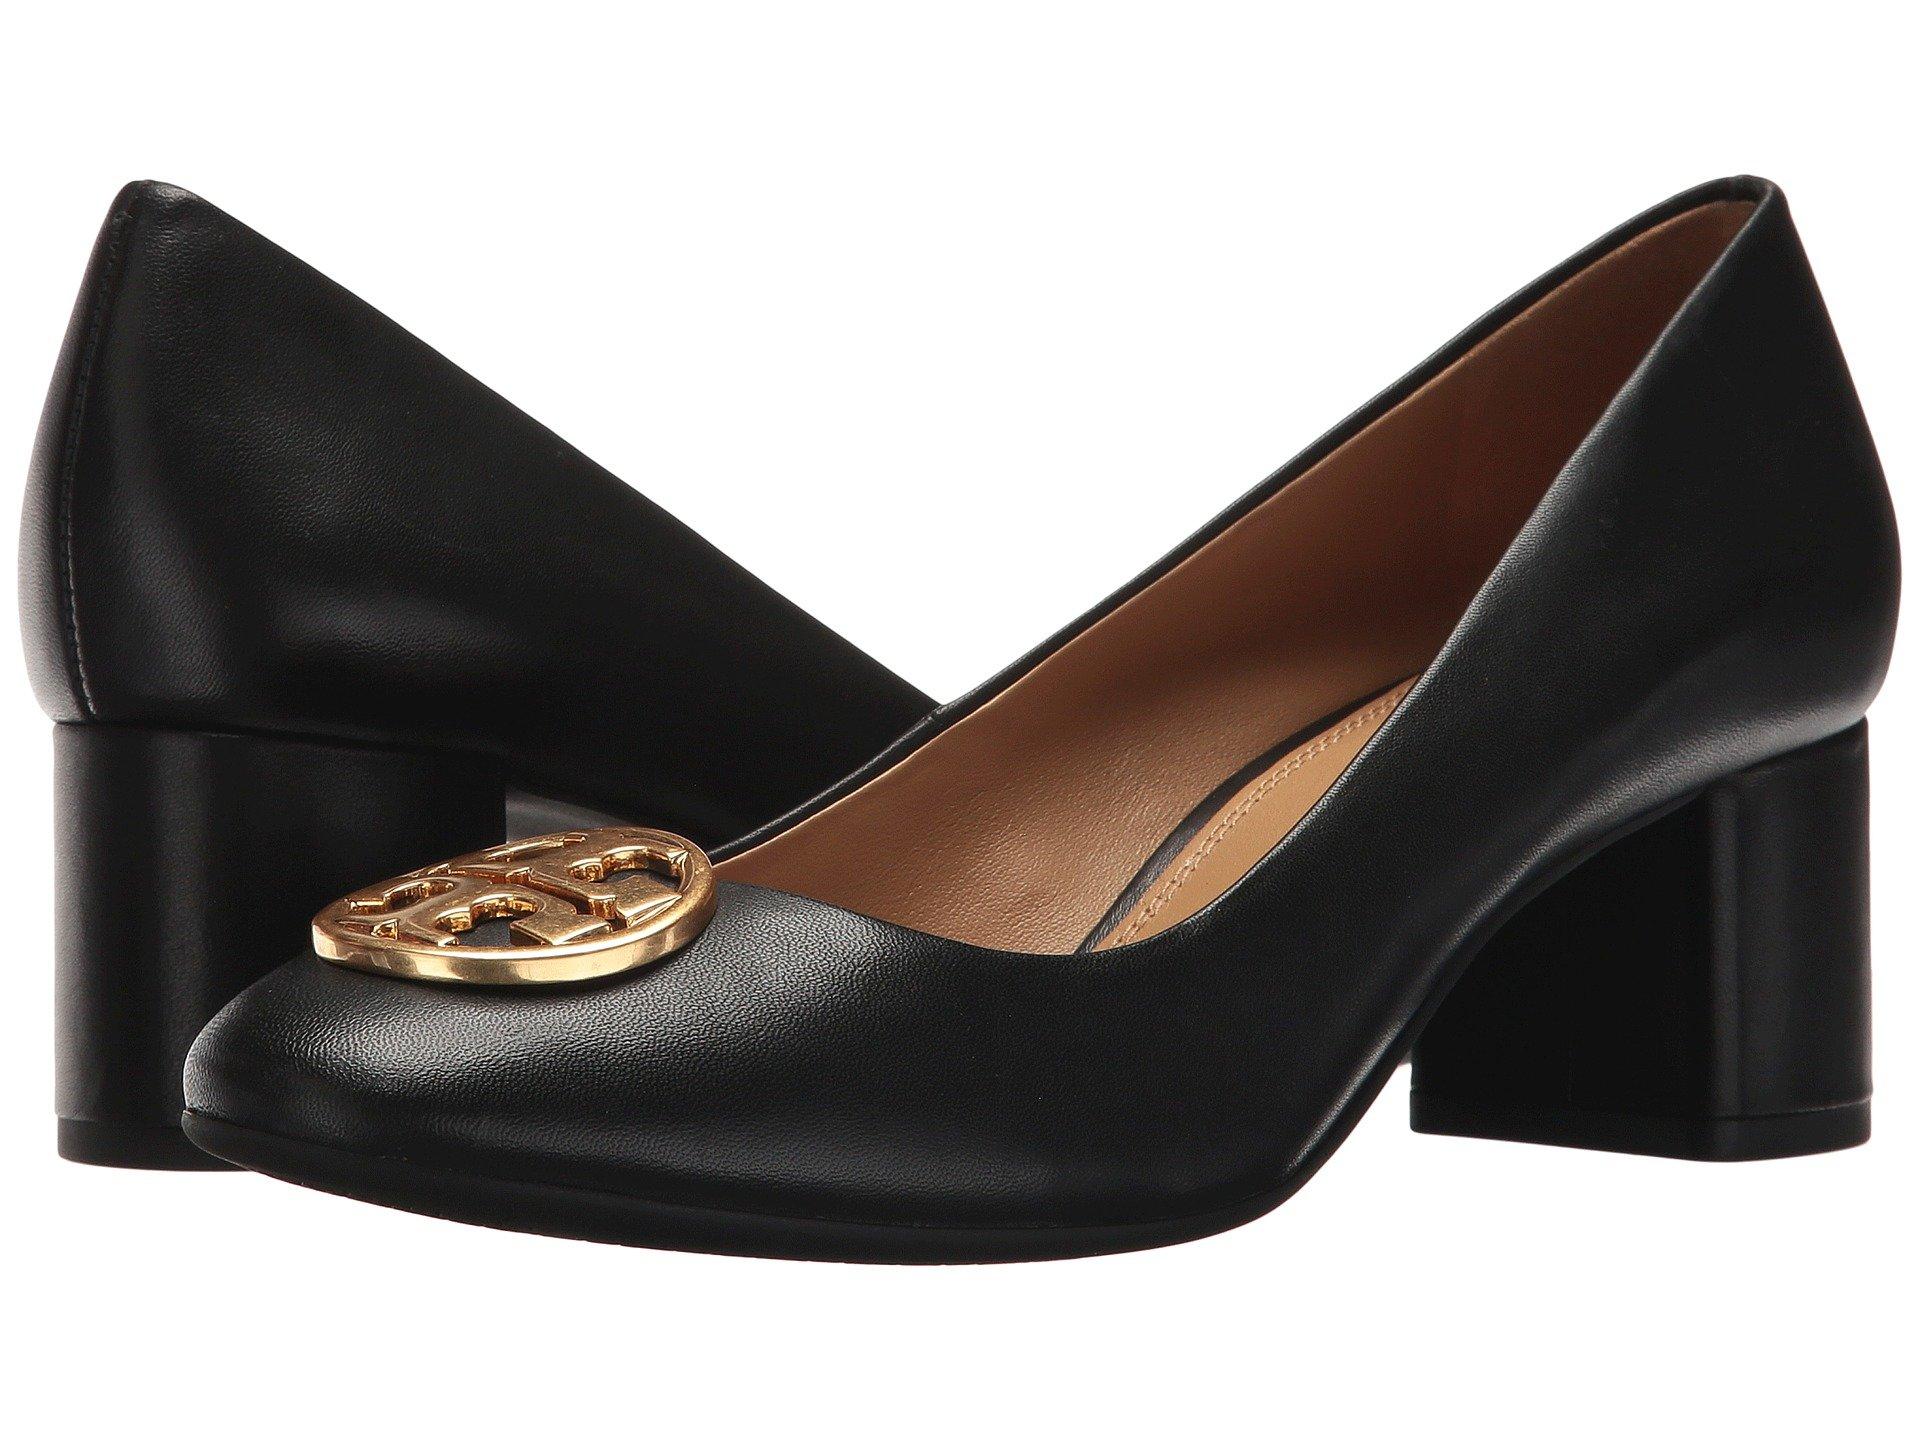 f4a3890b35d6 Women s Tory Burch Shoes + FREE SHIPPING